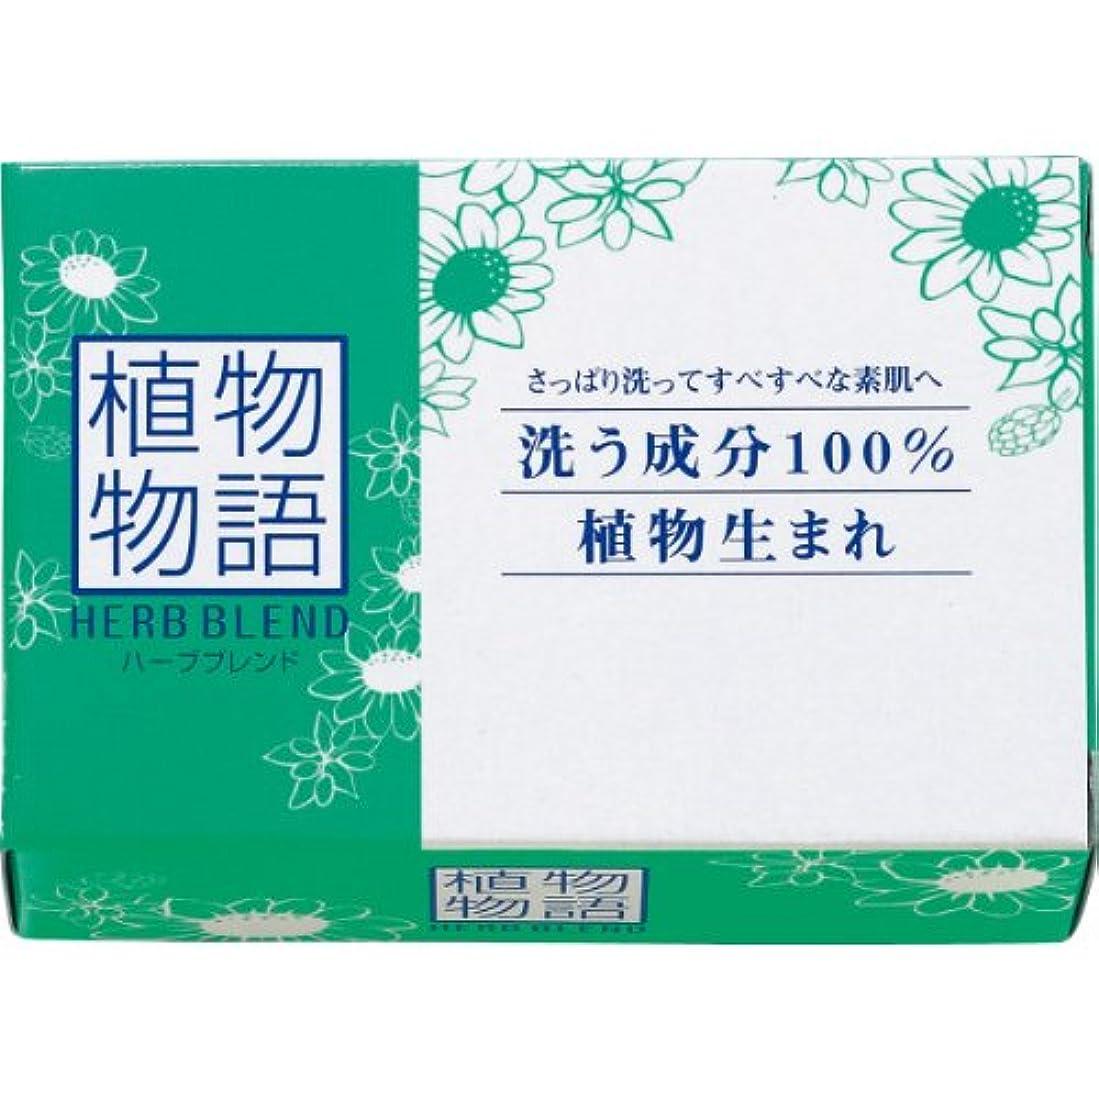 フォーム二週間へこみ【ライオン】植物物語ハーブブレンド 化粧石鹸 80g